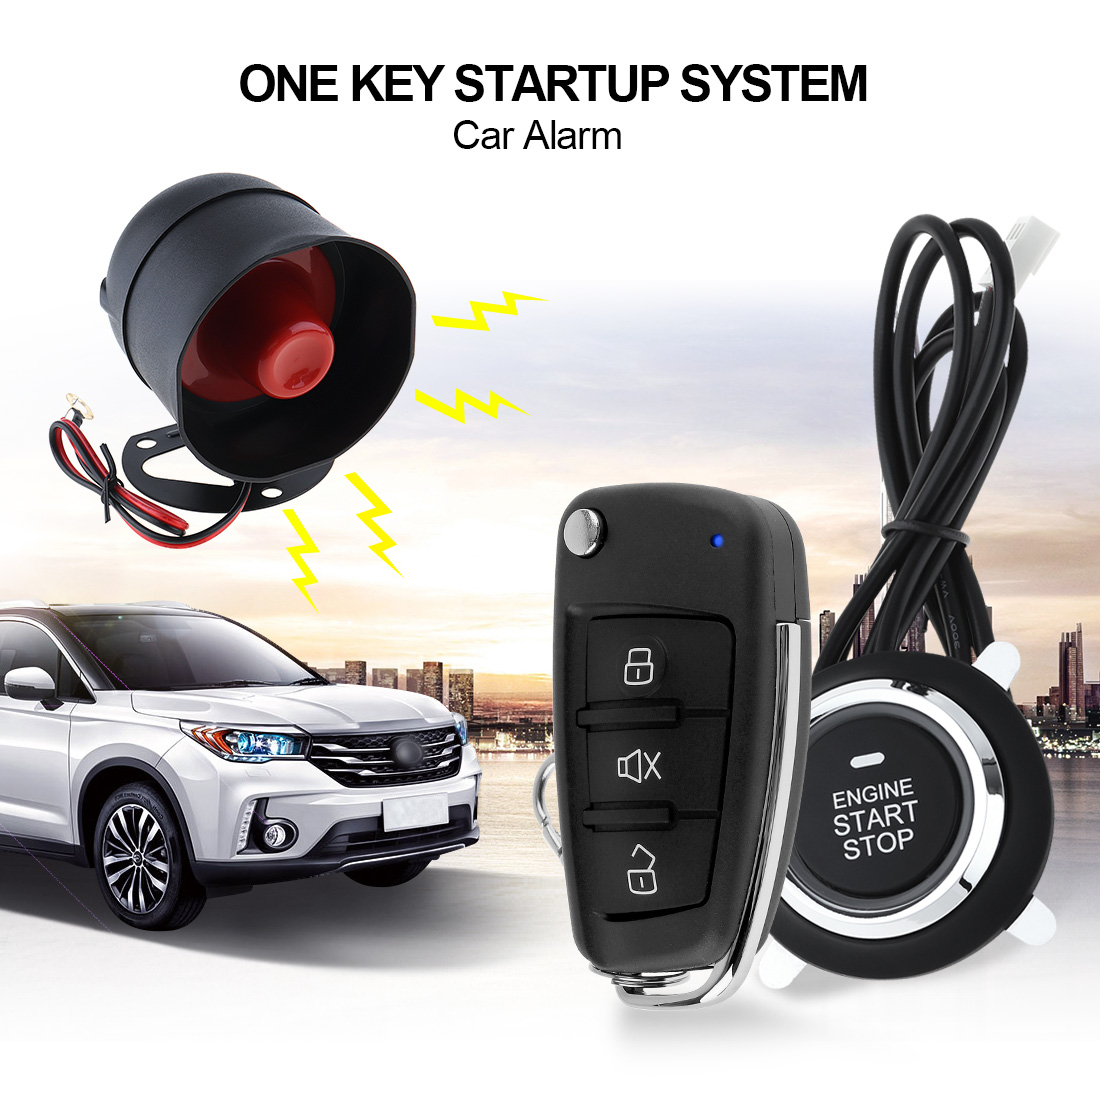 Système de sécurité universel d'alarme de voiture bouton d'arrêt de démarrage à distance système de moteur serrure de porte d'entrée sans clé de véhicule verrouillage Central automatique